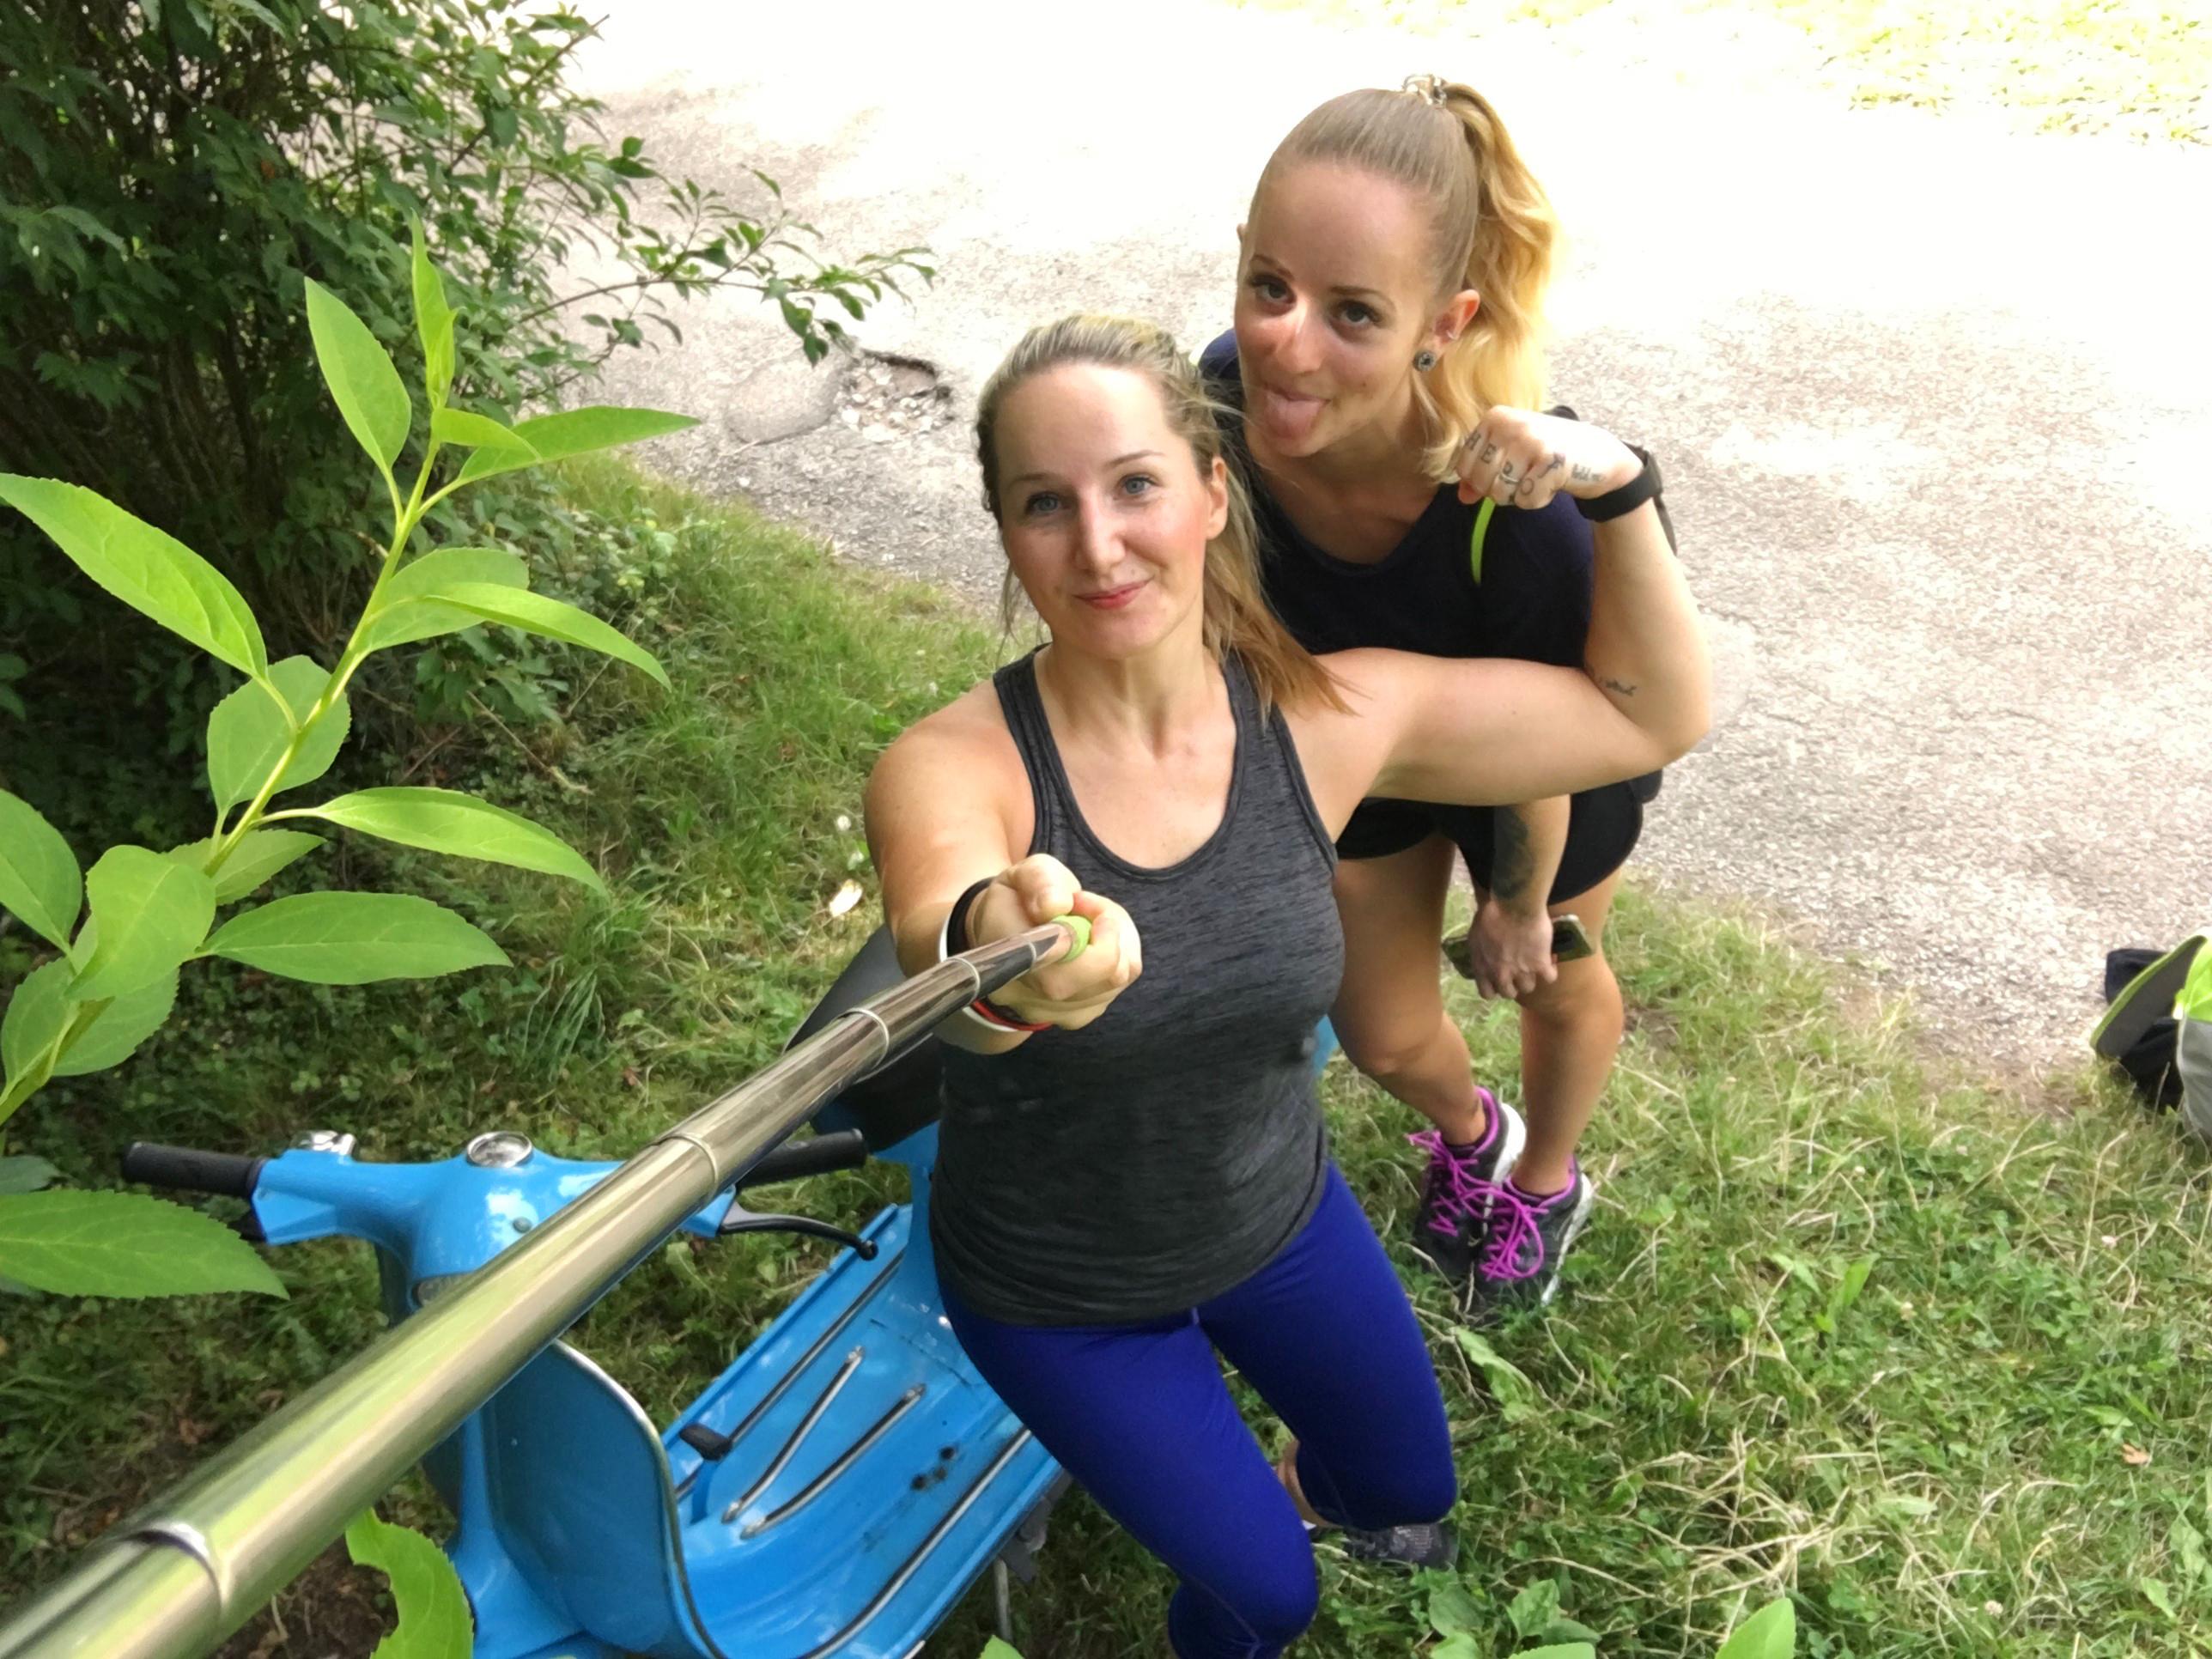 fitnessblog-fitnessblogger-fitness-blog-blogger-stuttgart-dreamteamfitness-Mammutmarsch-stuttgart-training